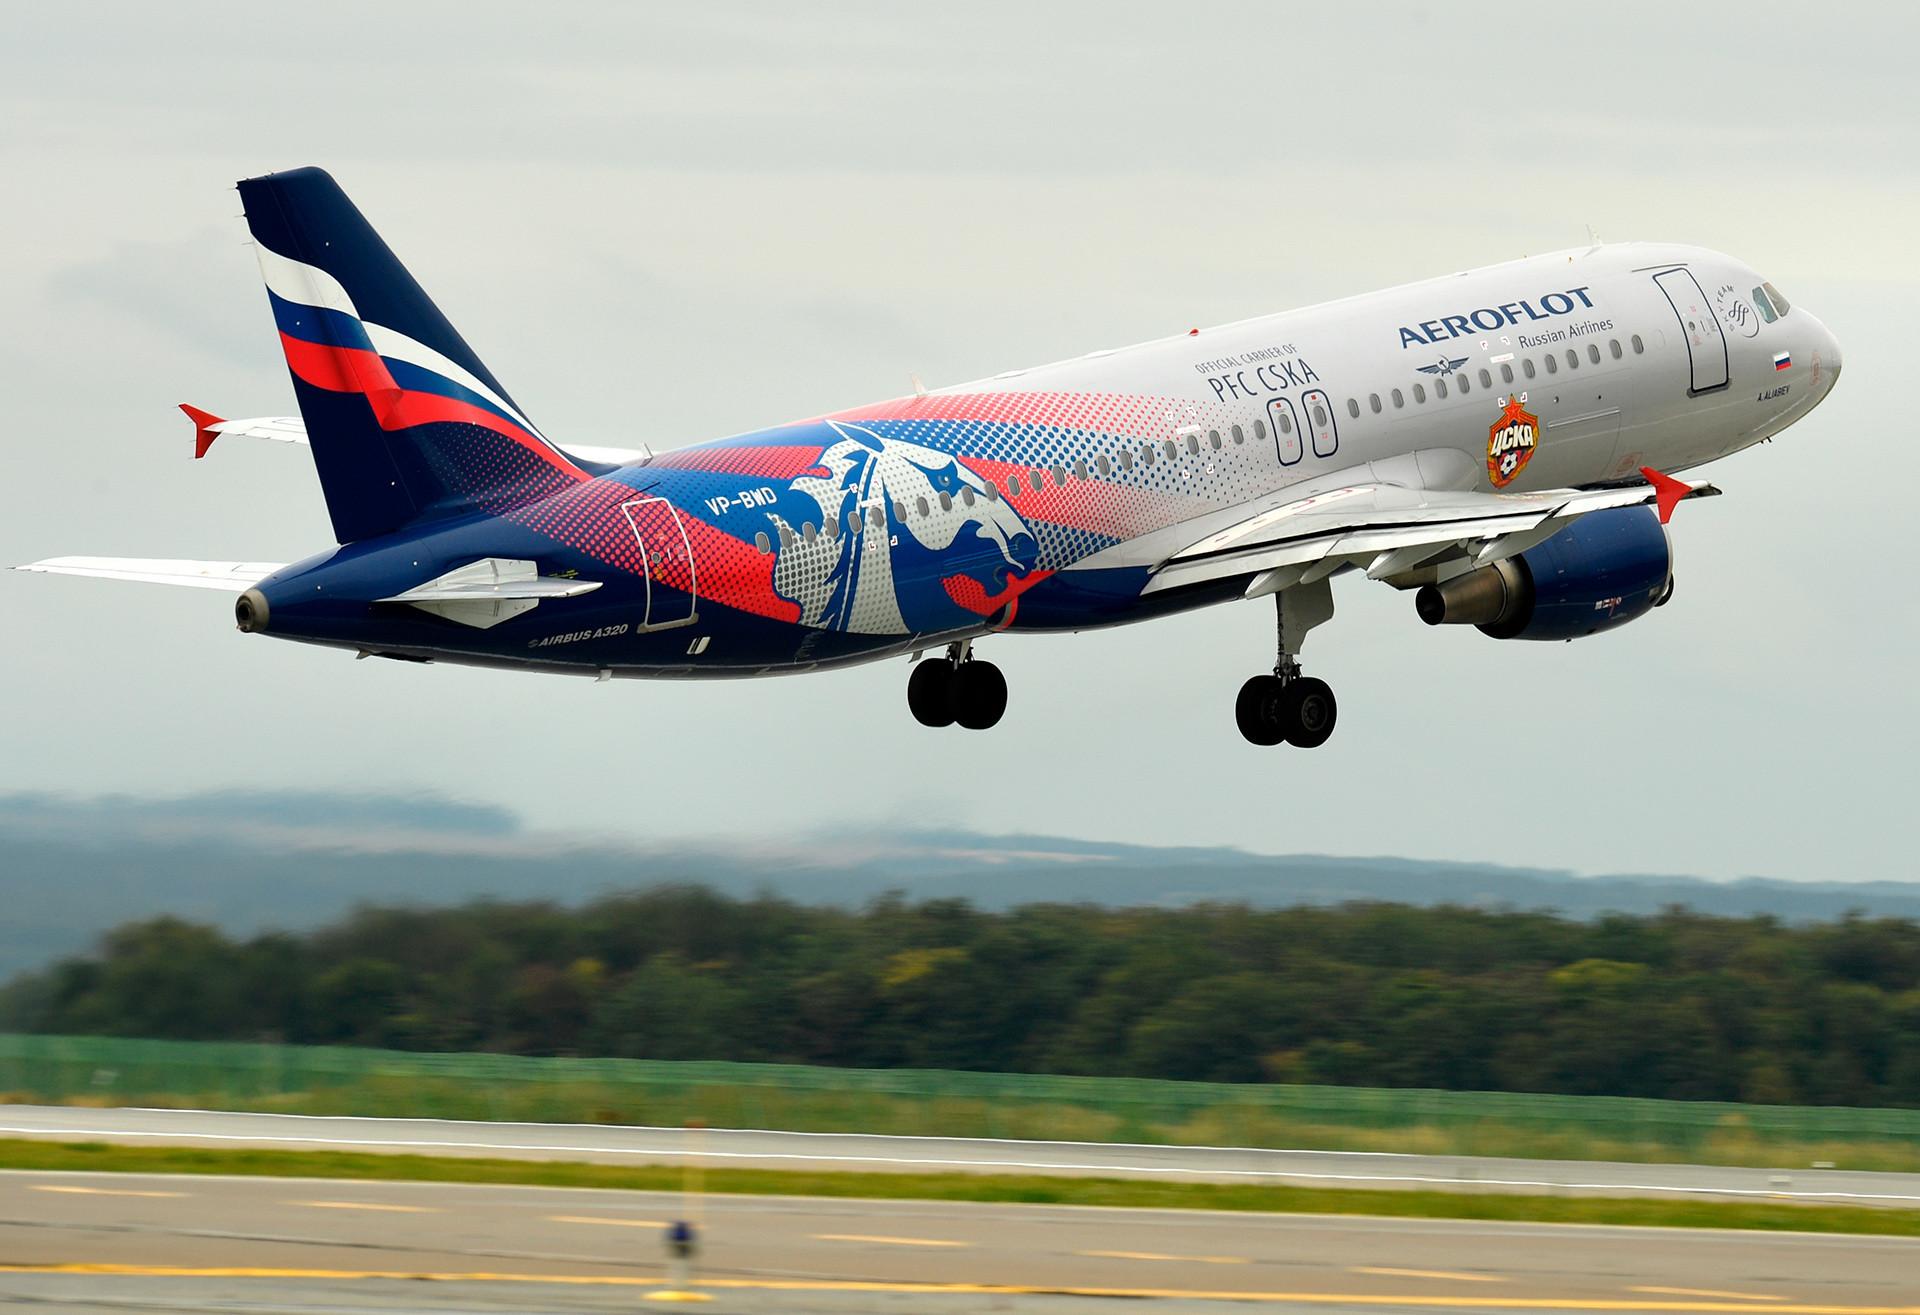 Aeroporto de Kazan